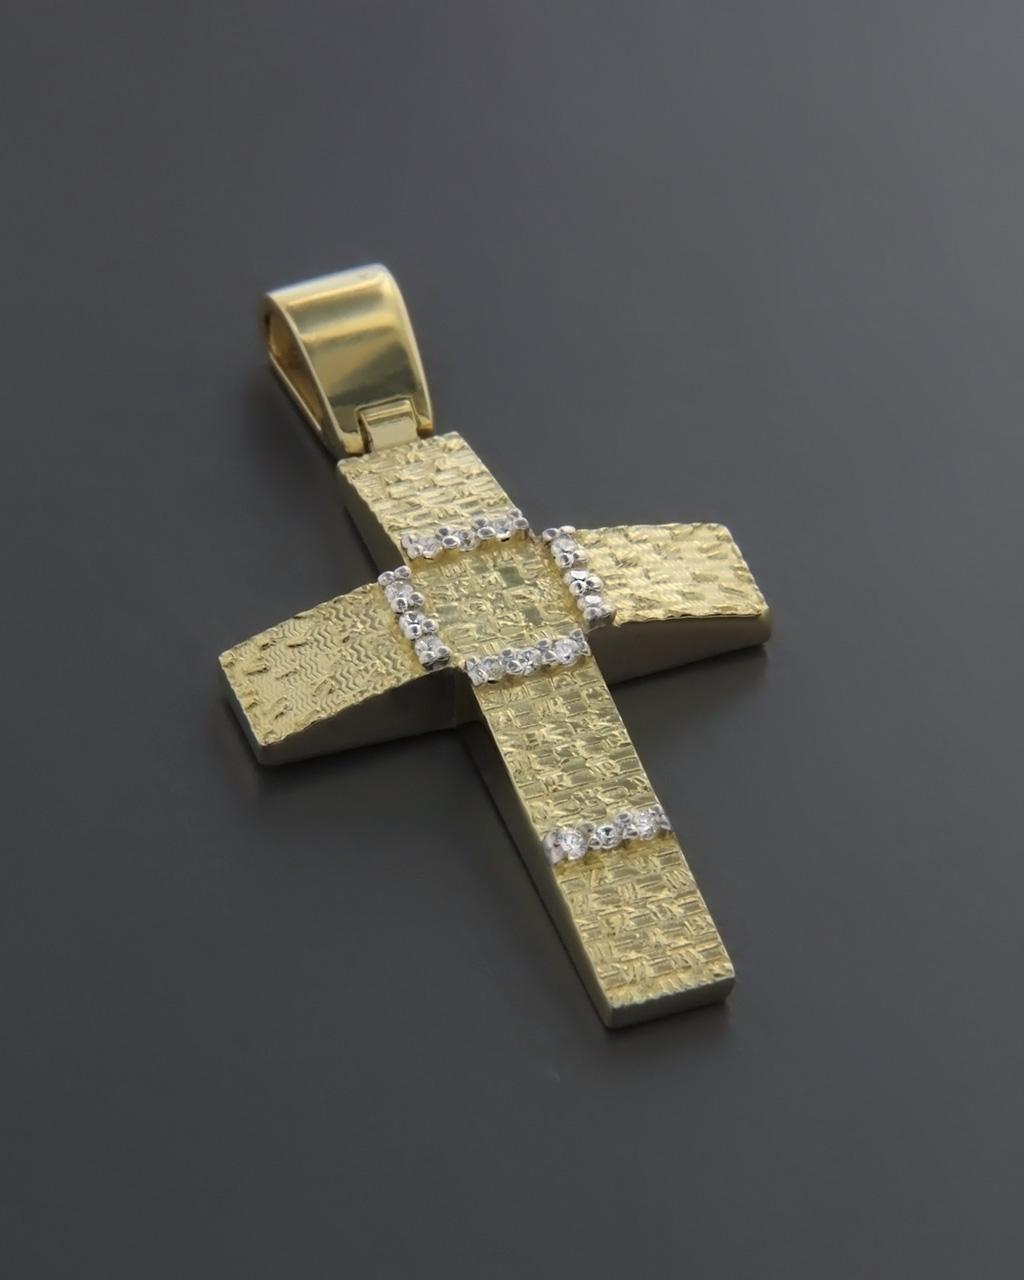 Σταυρός βαπτιστικός χρυσός & λευκόχρυσος Κ14 με Ζιργκόν   παιδι βαπτιστικοί σταυροί βαπτιστικοί σταυροί για κορίτσι